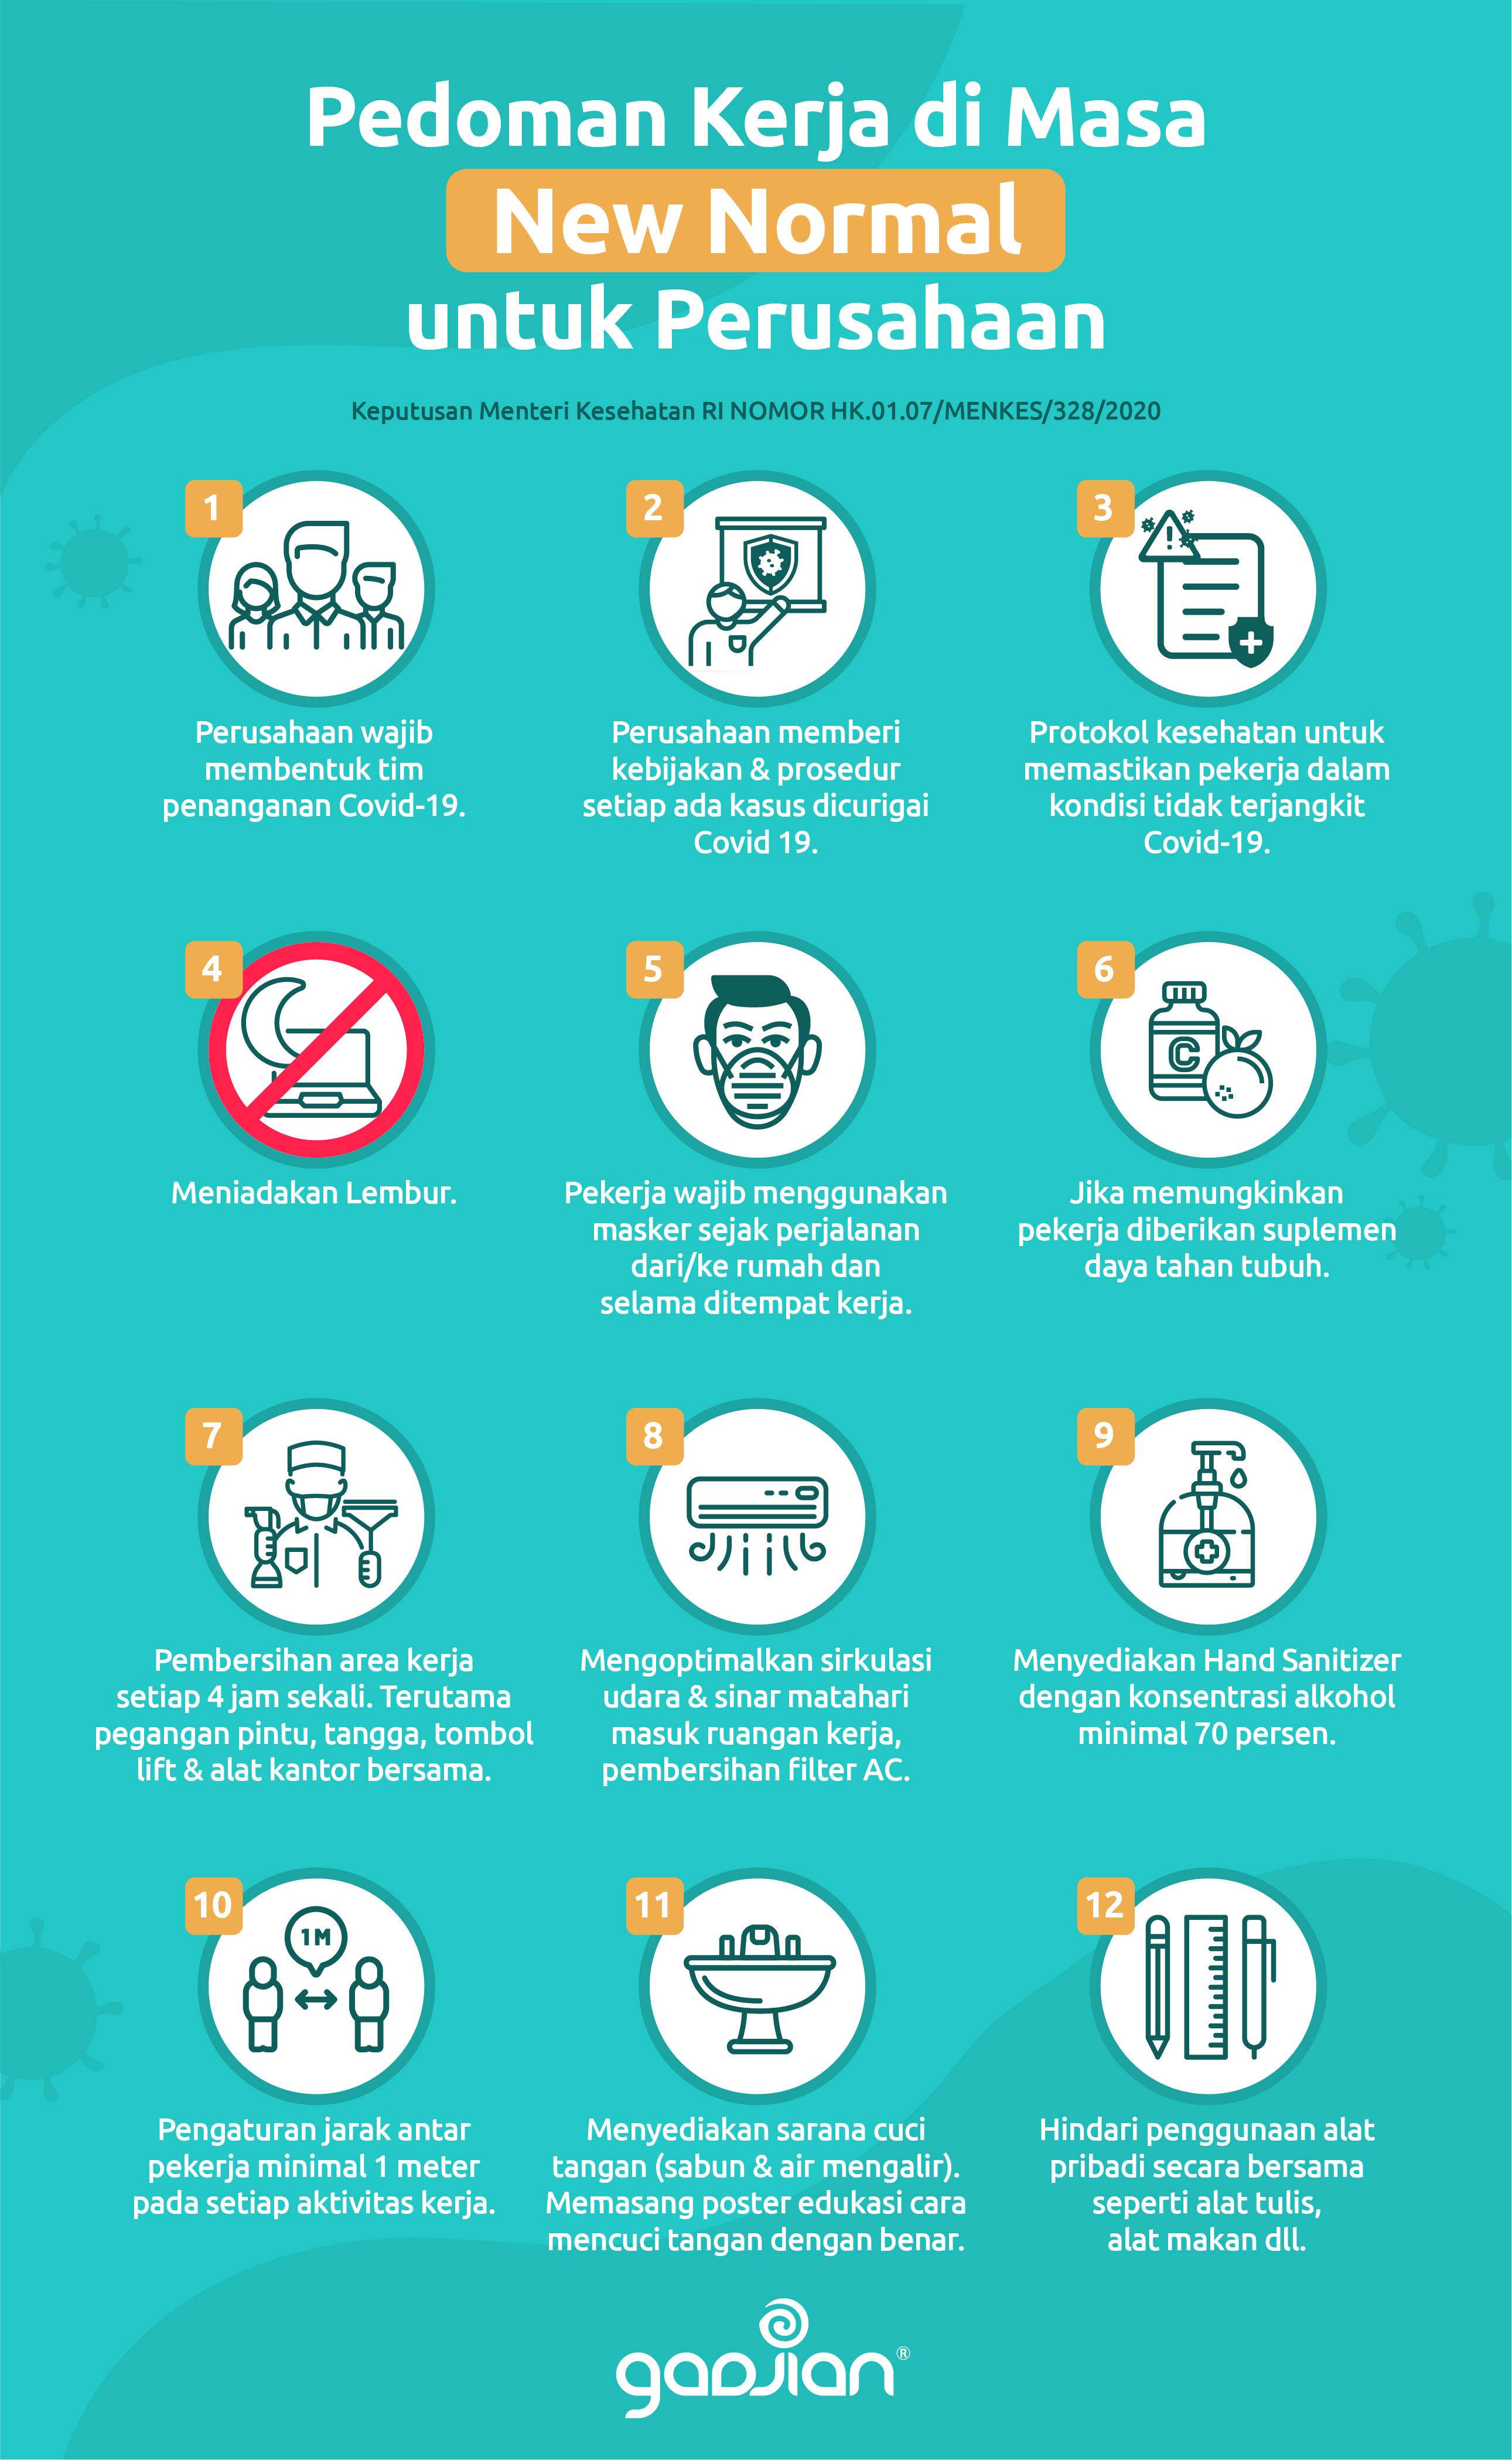 Gadjian-Infografis-atau-Poster-Pedoman-Protokol-New-Normal-Kerja-Perusahaan-Karyawan-Pekerja